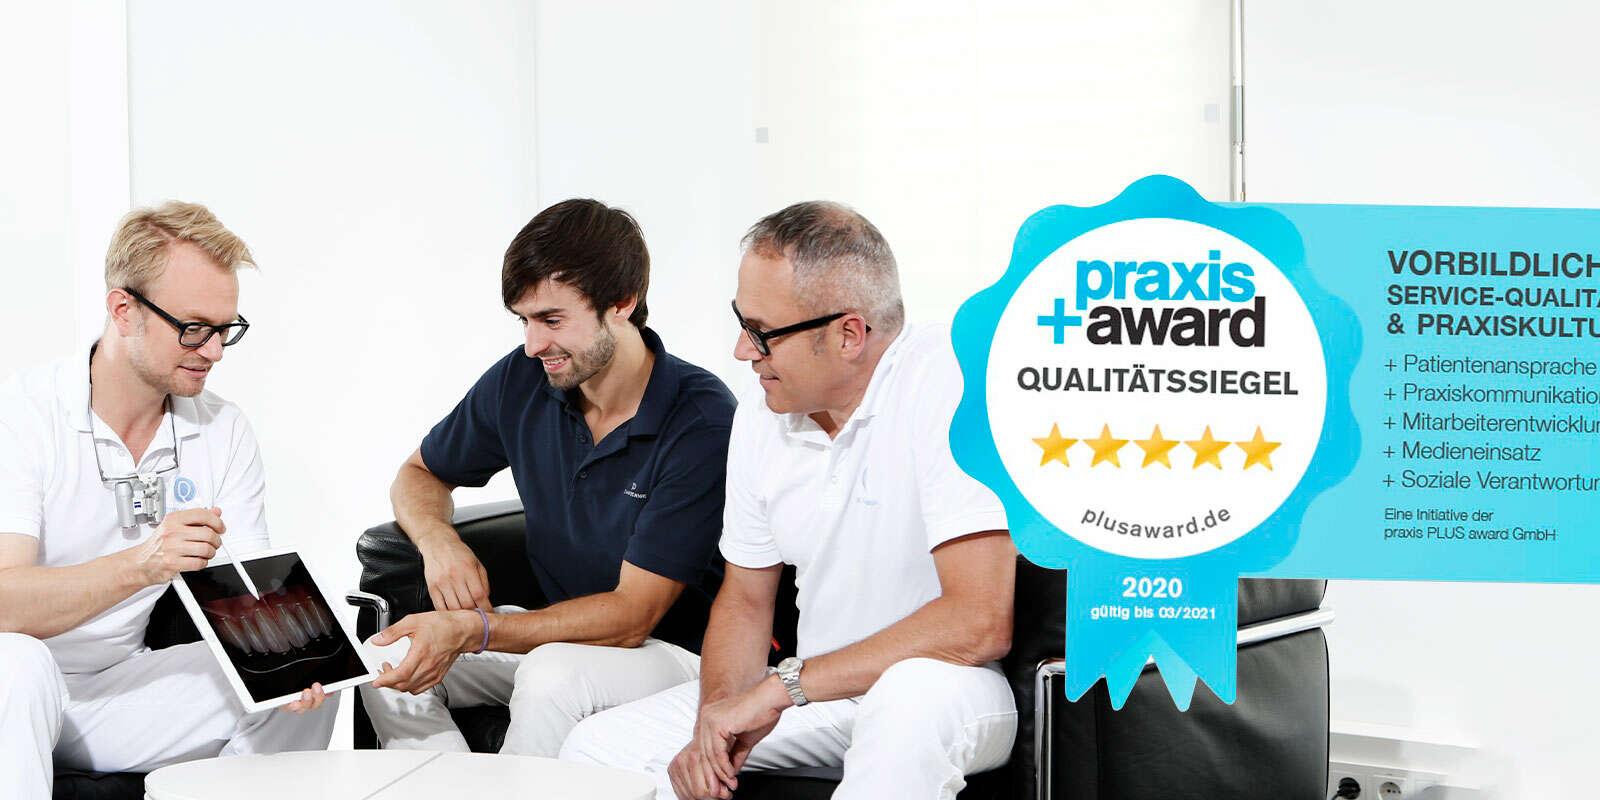 Q-Zahnärzte erhalten praxis+award Qualitätssiegel für vorbildliche Qualität und Praxiskultur